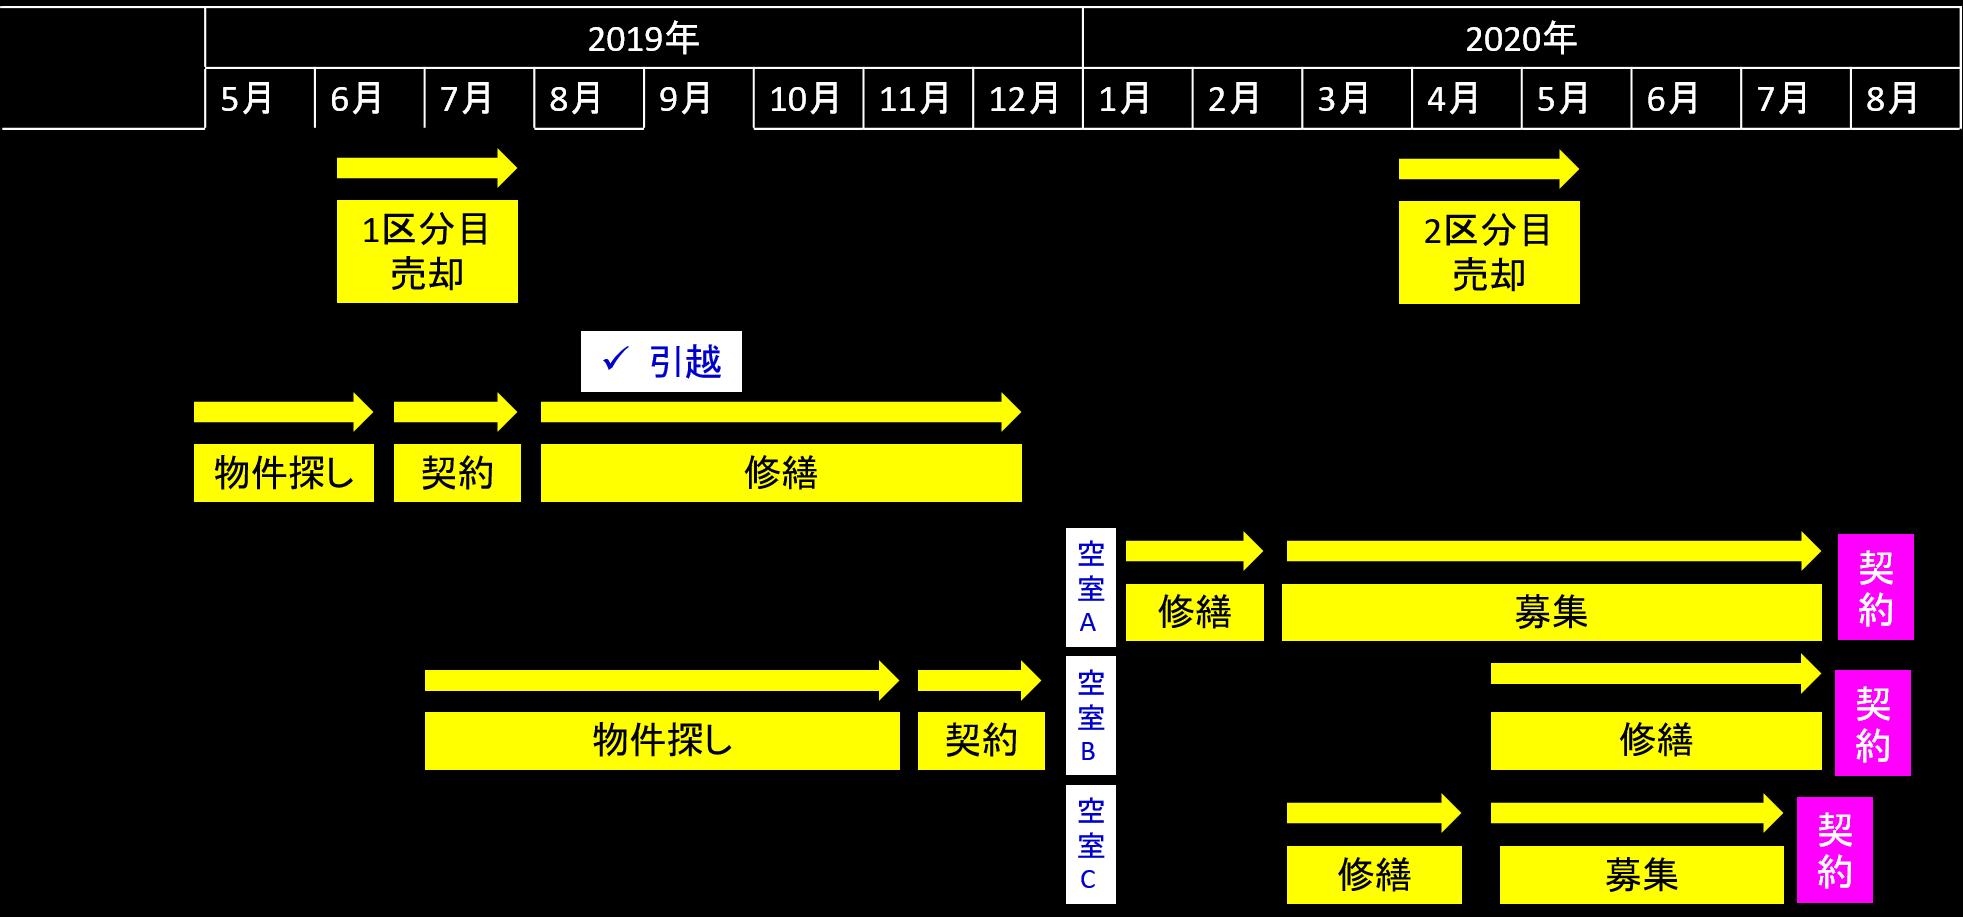 1apart-200810-3